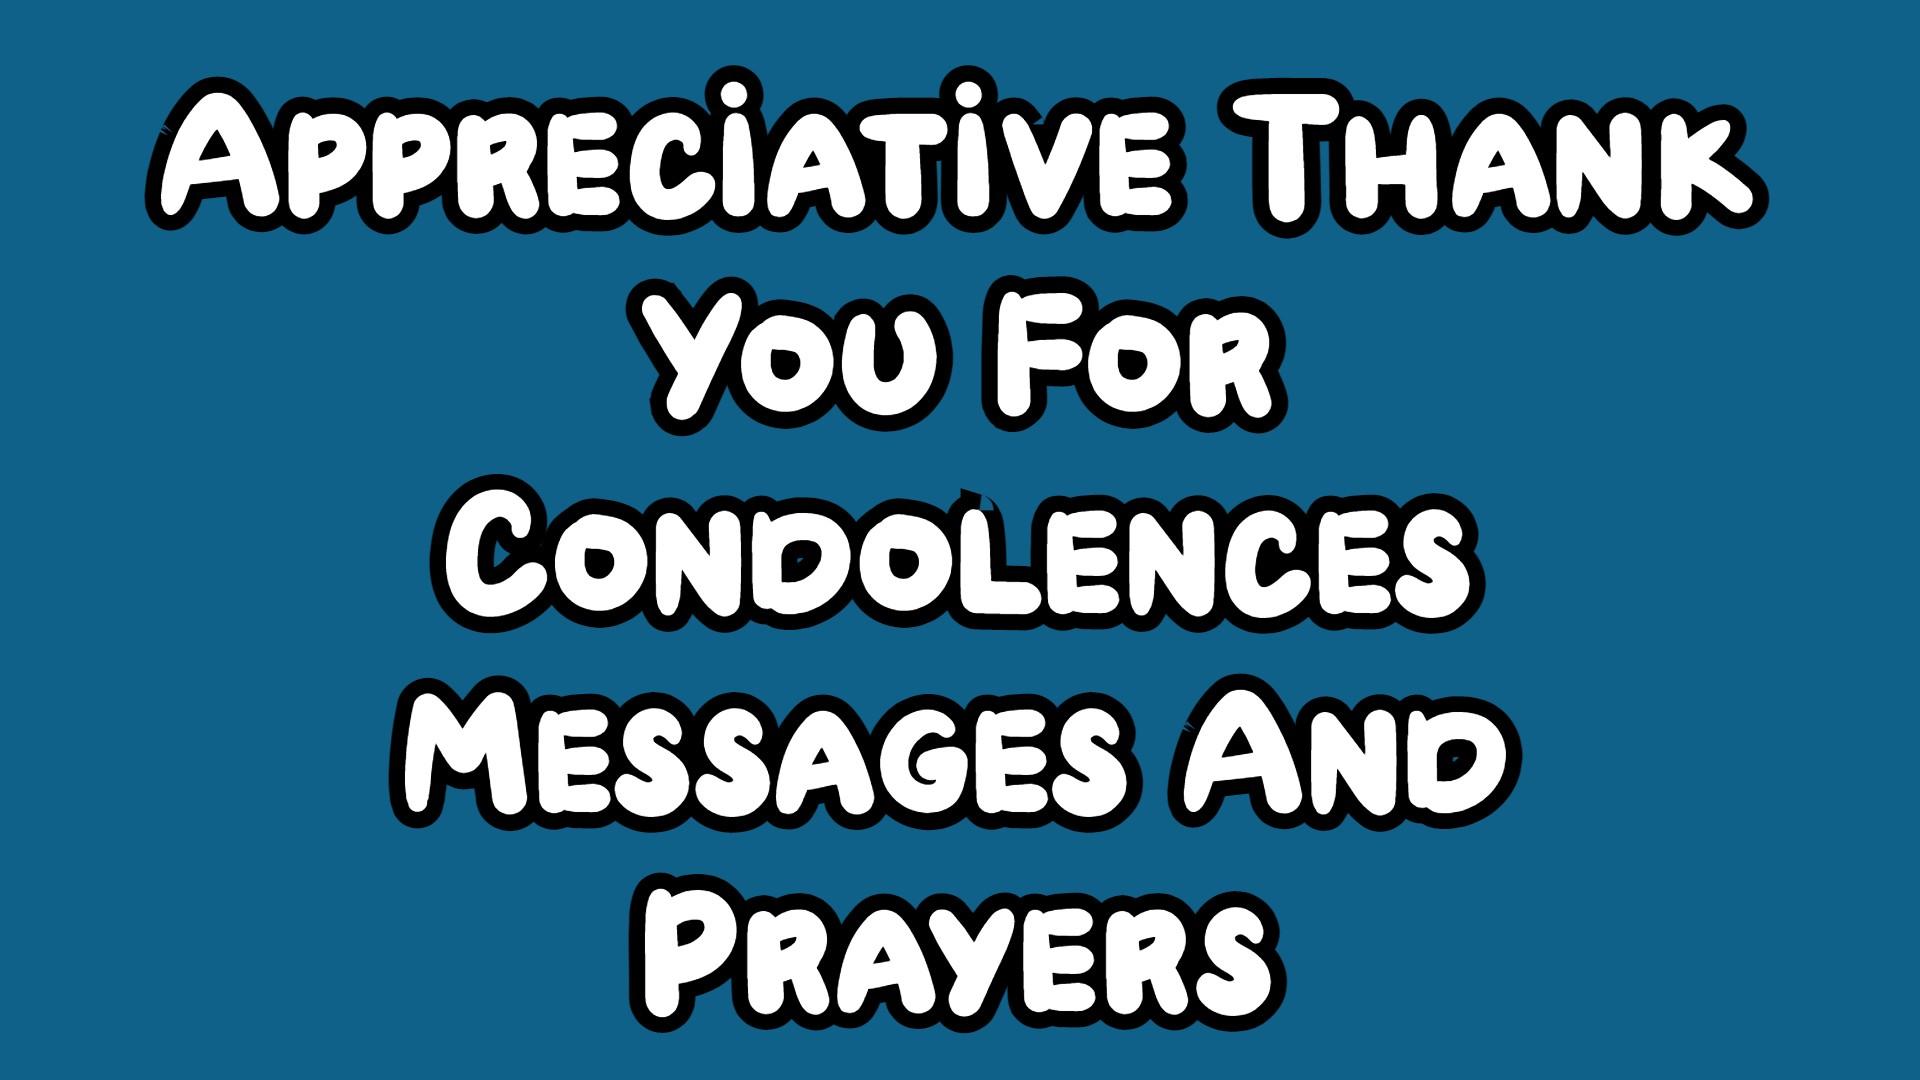 Thank You For Condolences